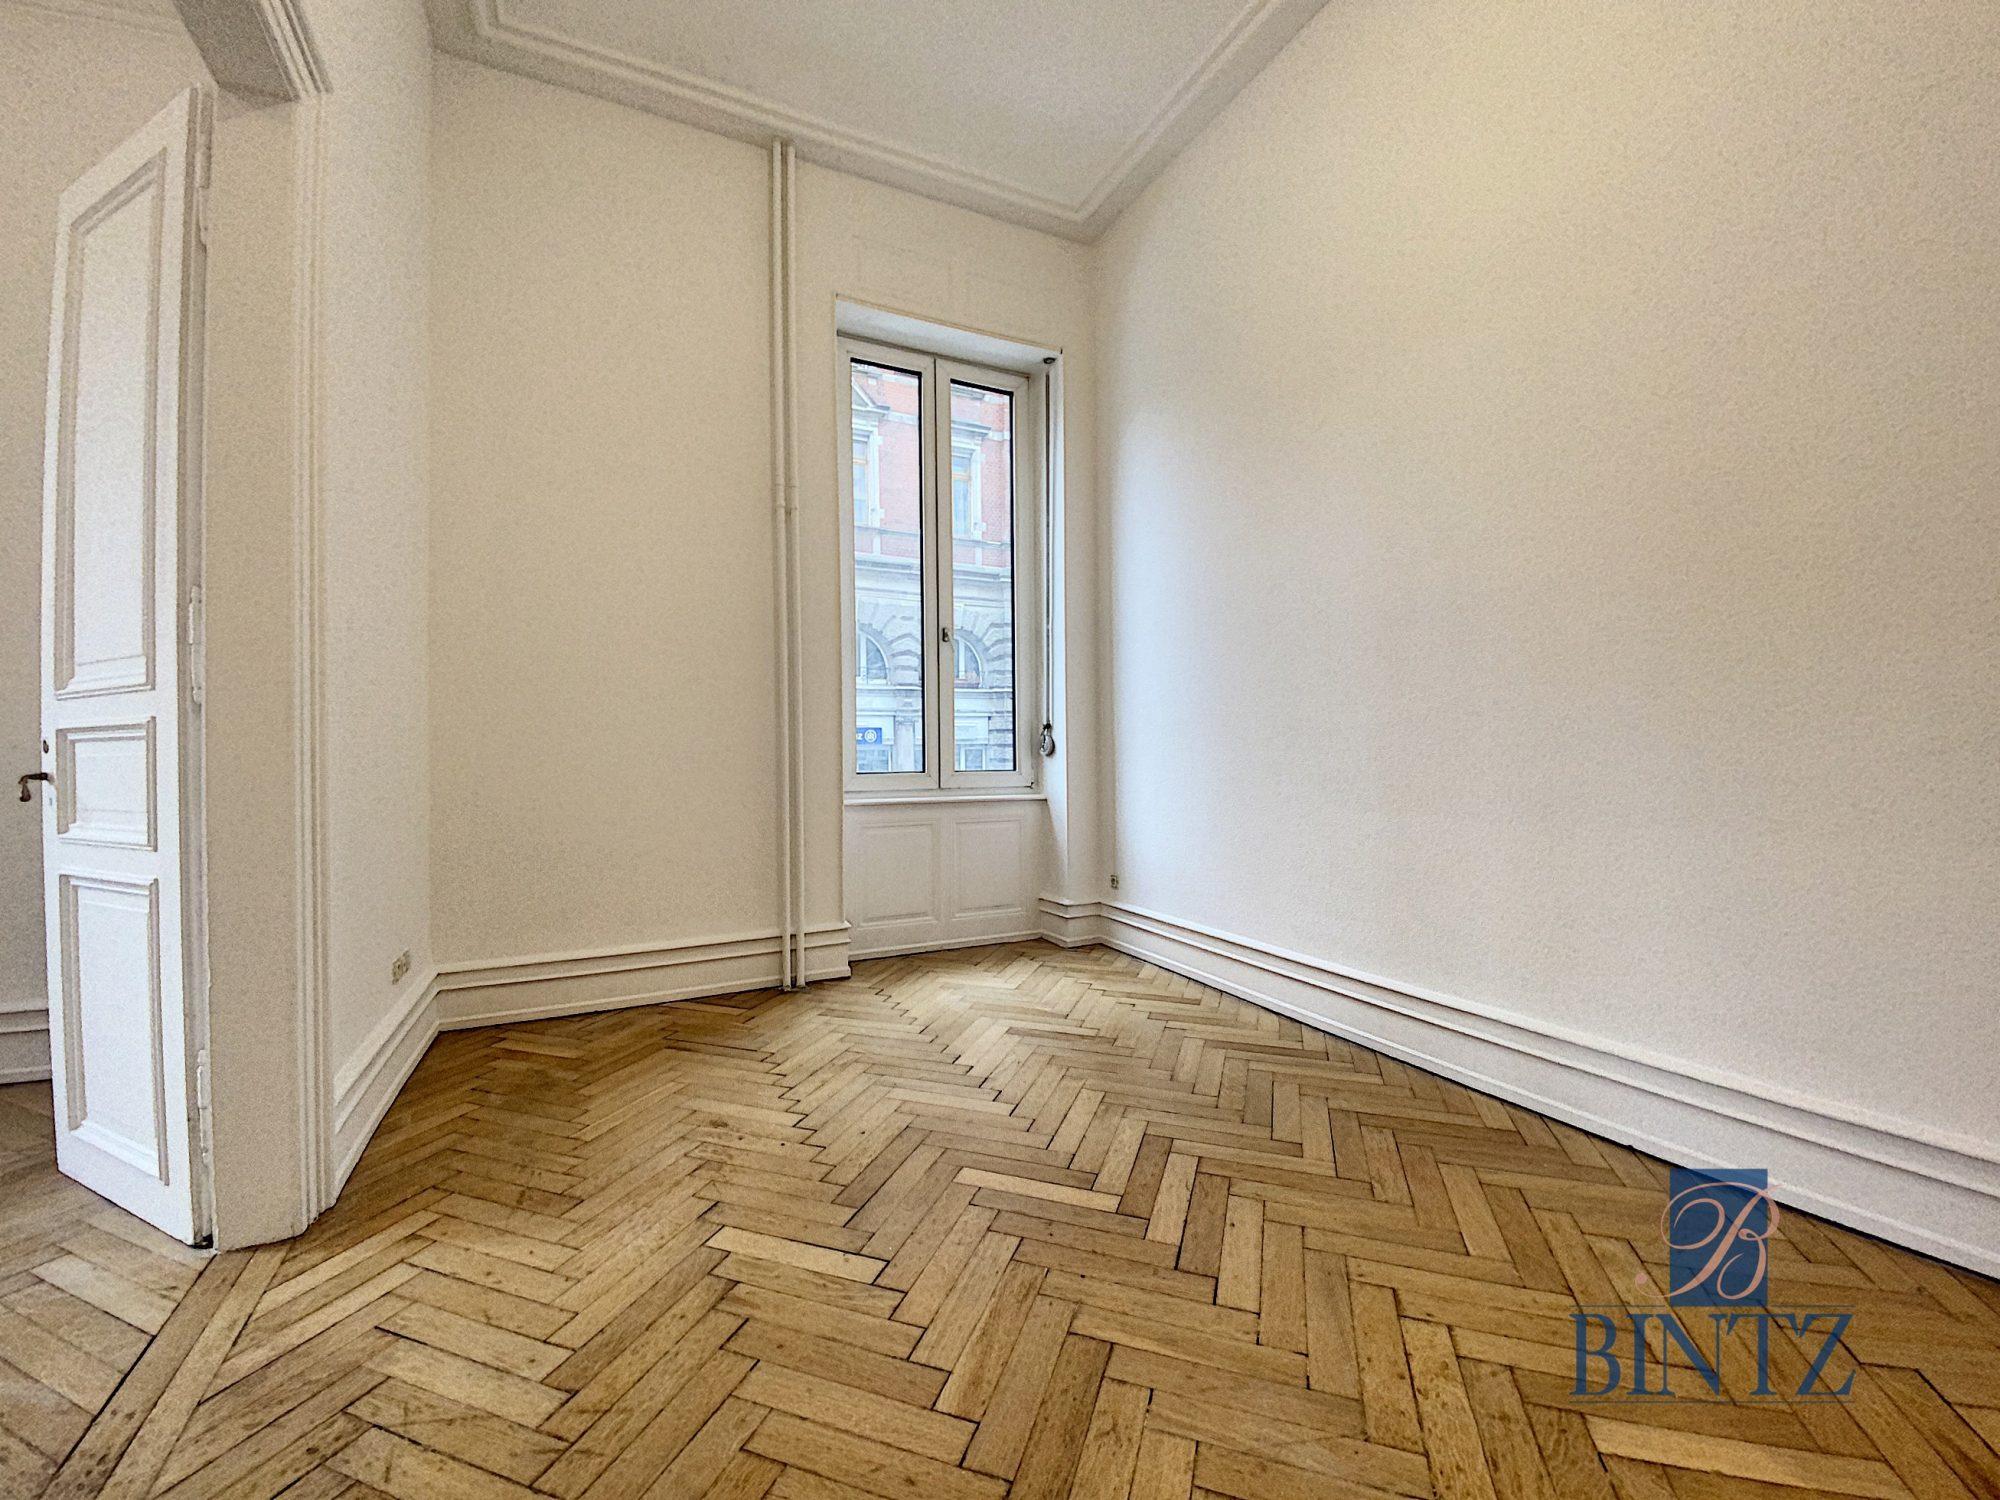 5 pièces rue Wimpheling - Devenez locataire en toute sérénité - Bintz Immobilier - 12